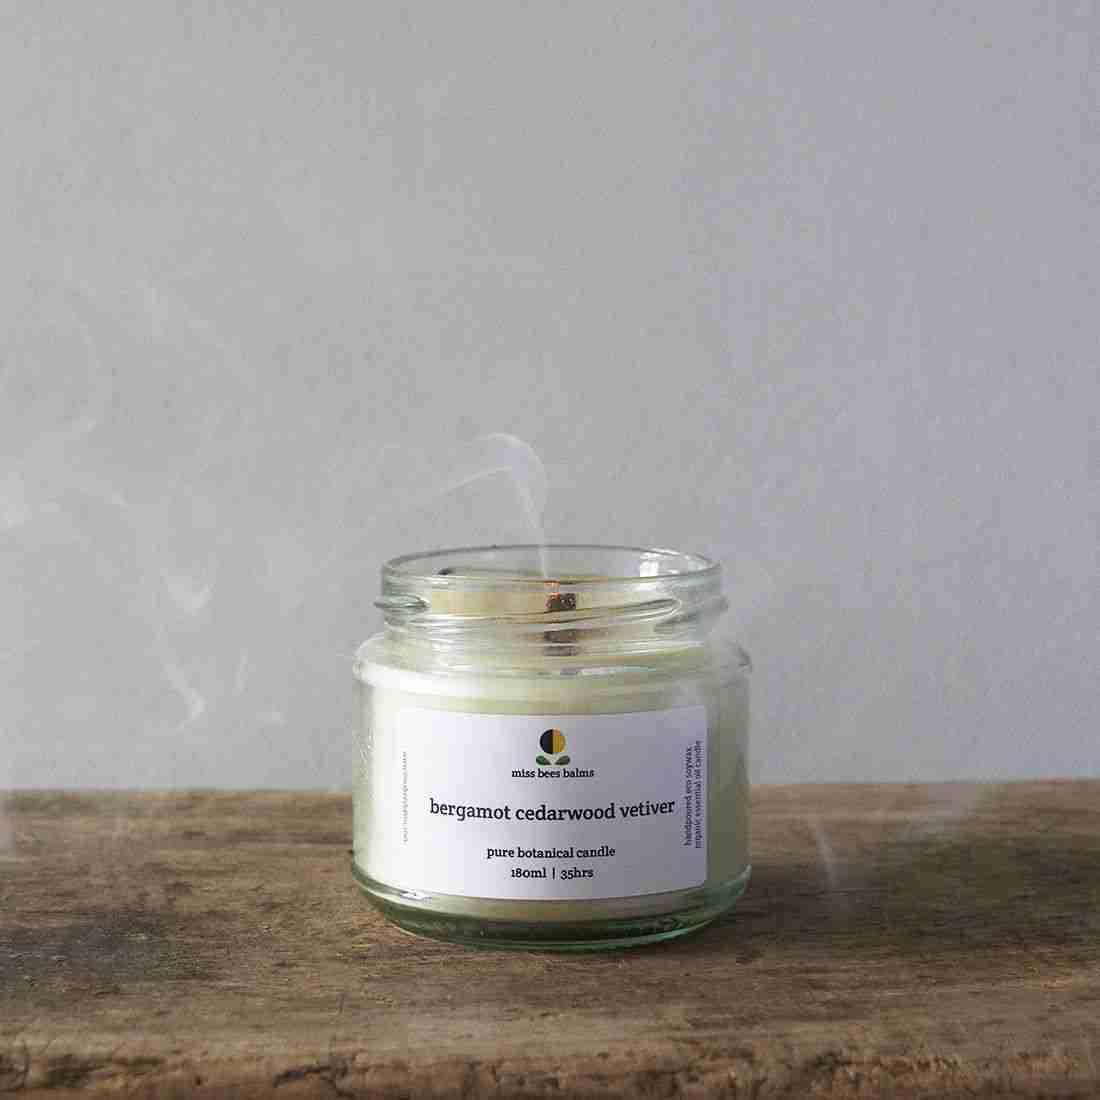 Pure Botanical Candle   Bergamot Cedarwood Vetiver